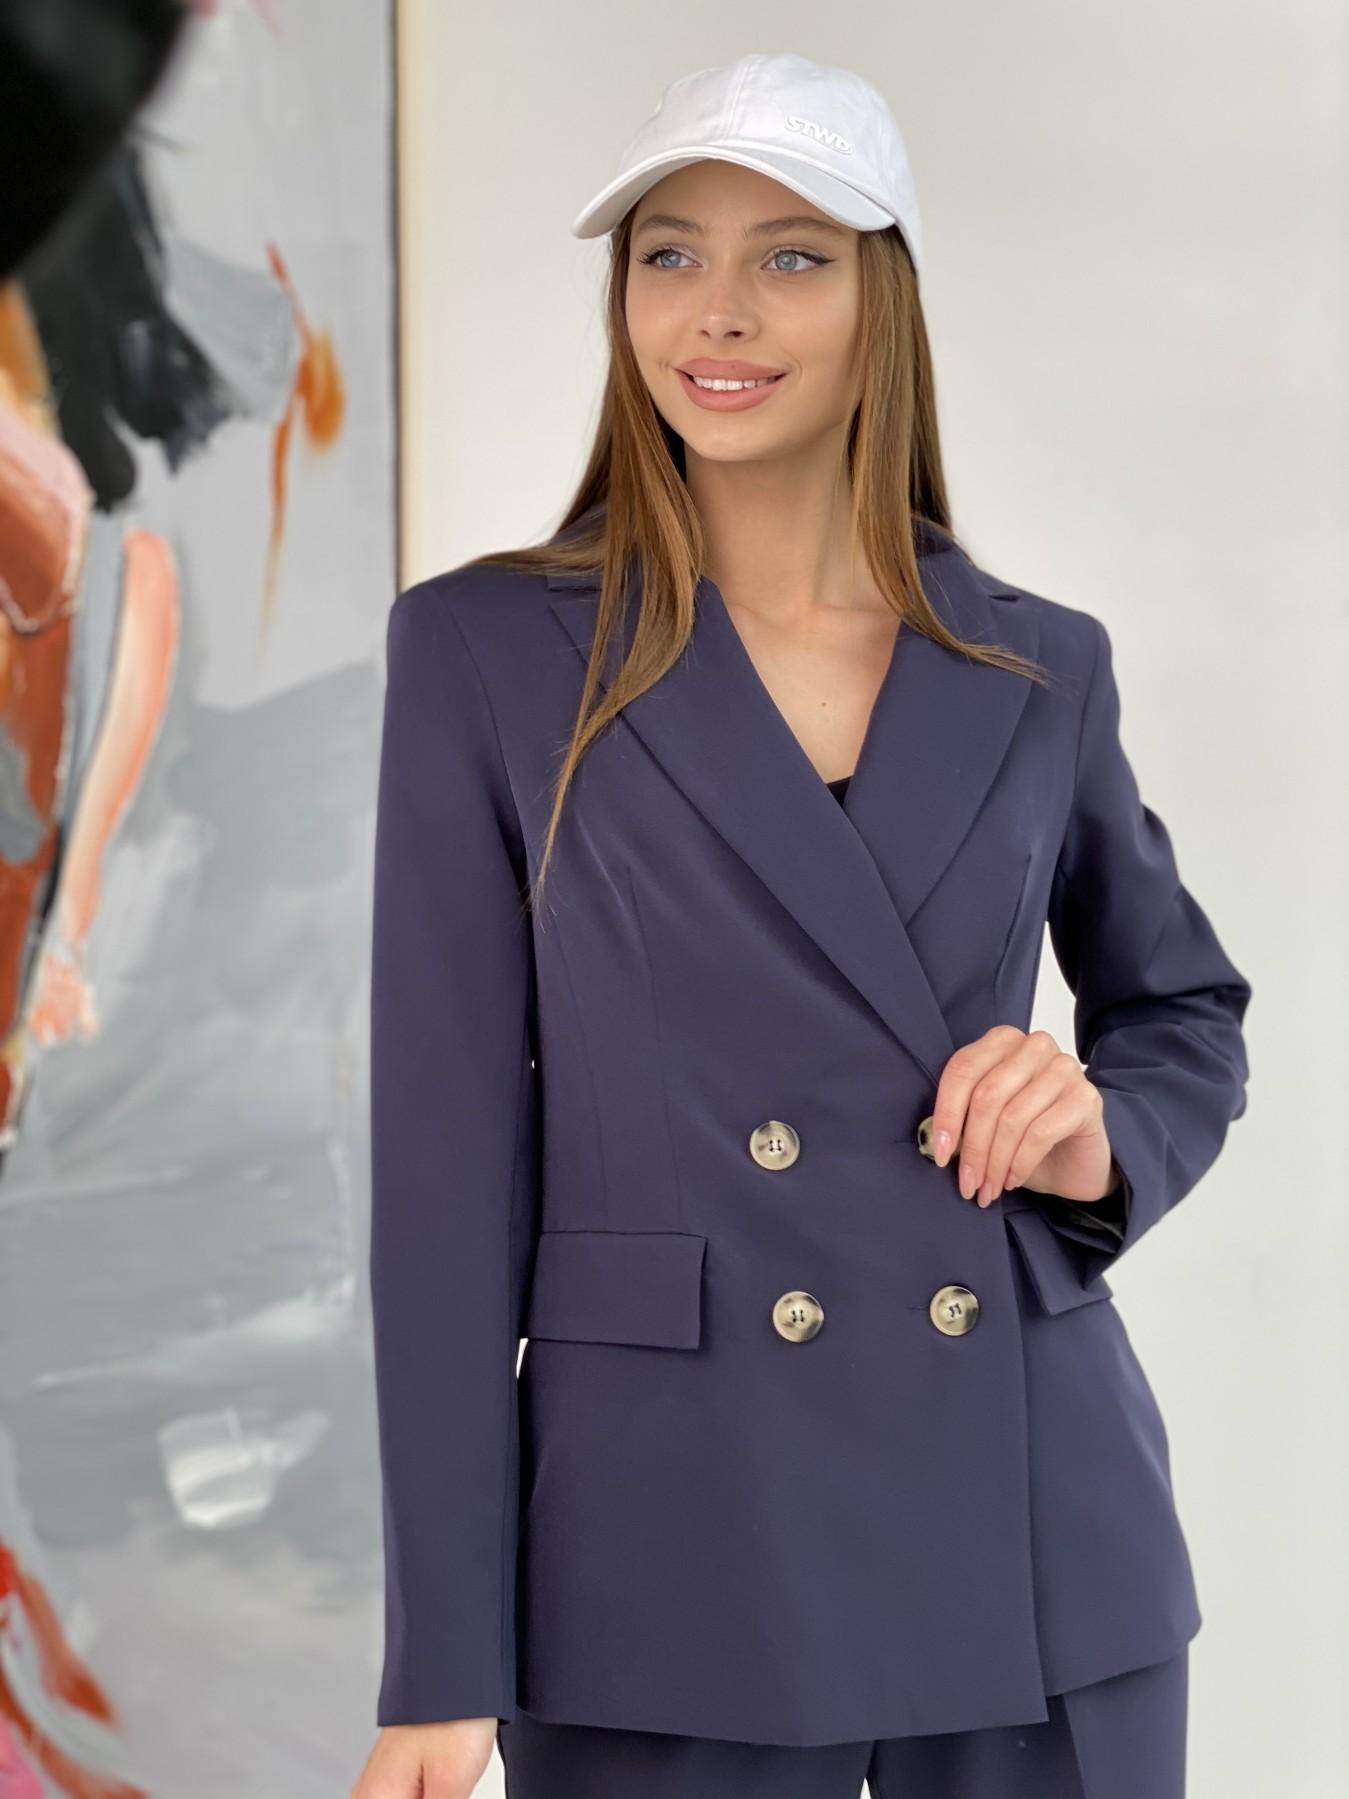 Франко костюм из костюмной ткани 11090 АРТ. 47973 Цвет: Т.синий 1 - фото 1, интернет магазин tm-modus.ru